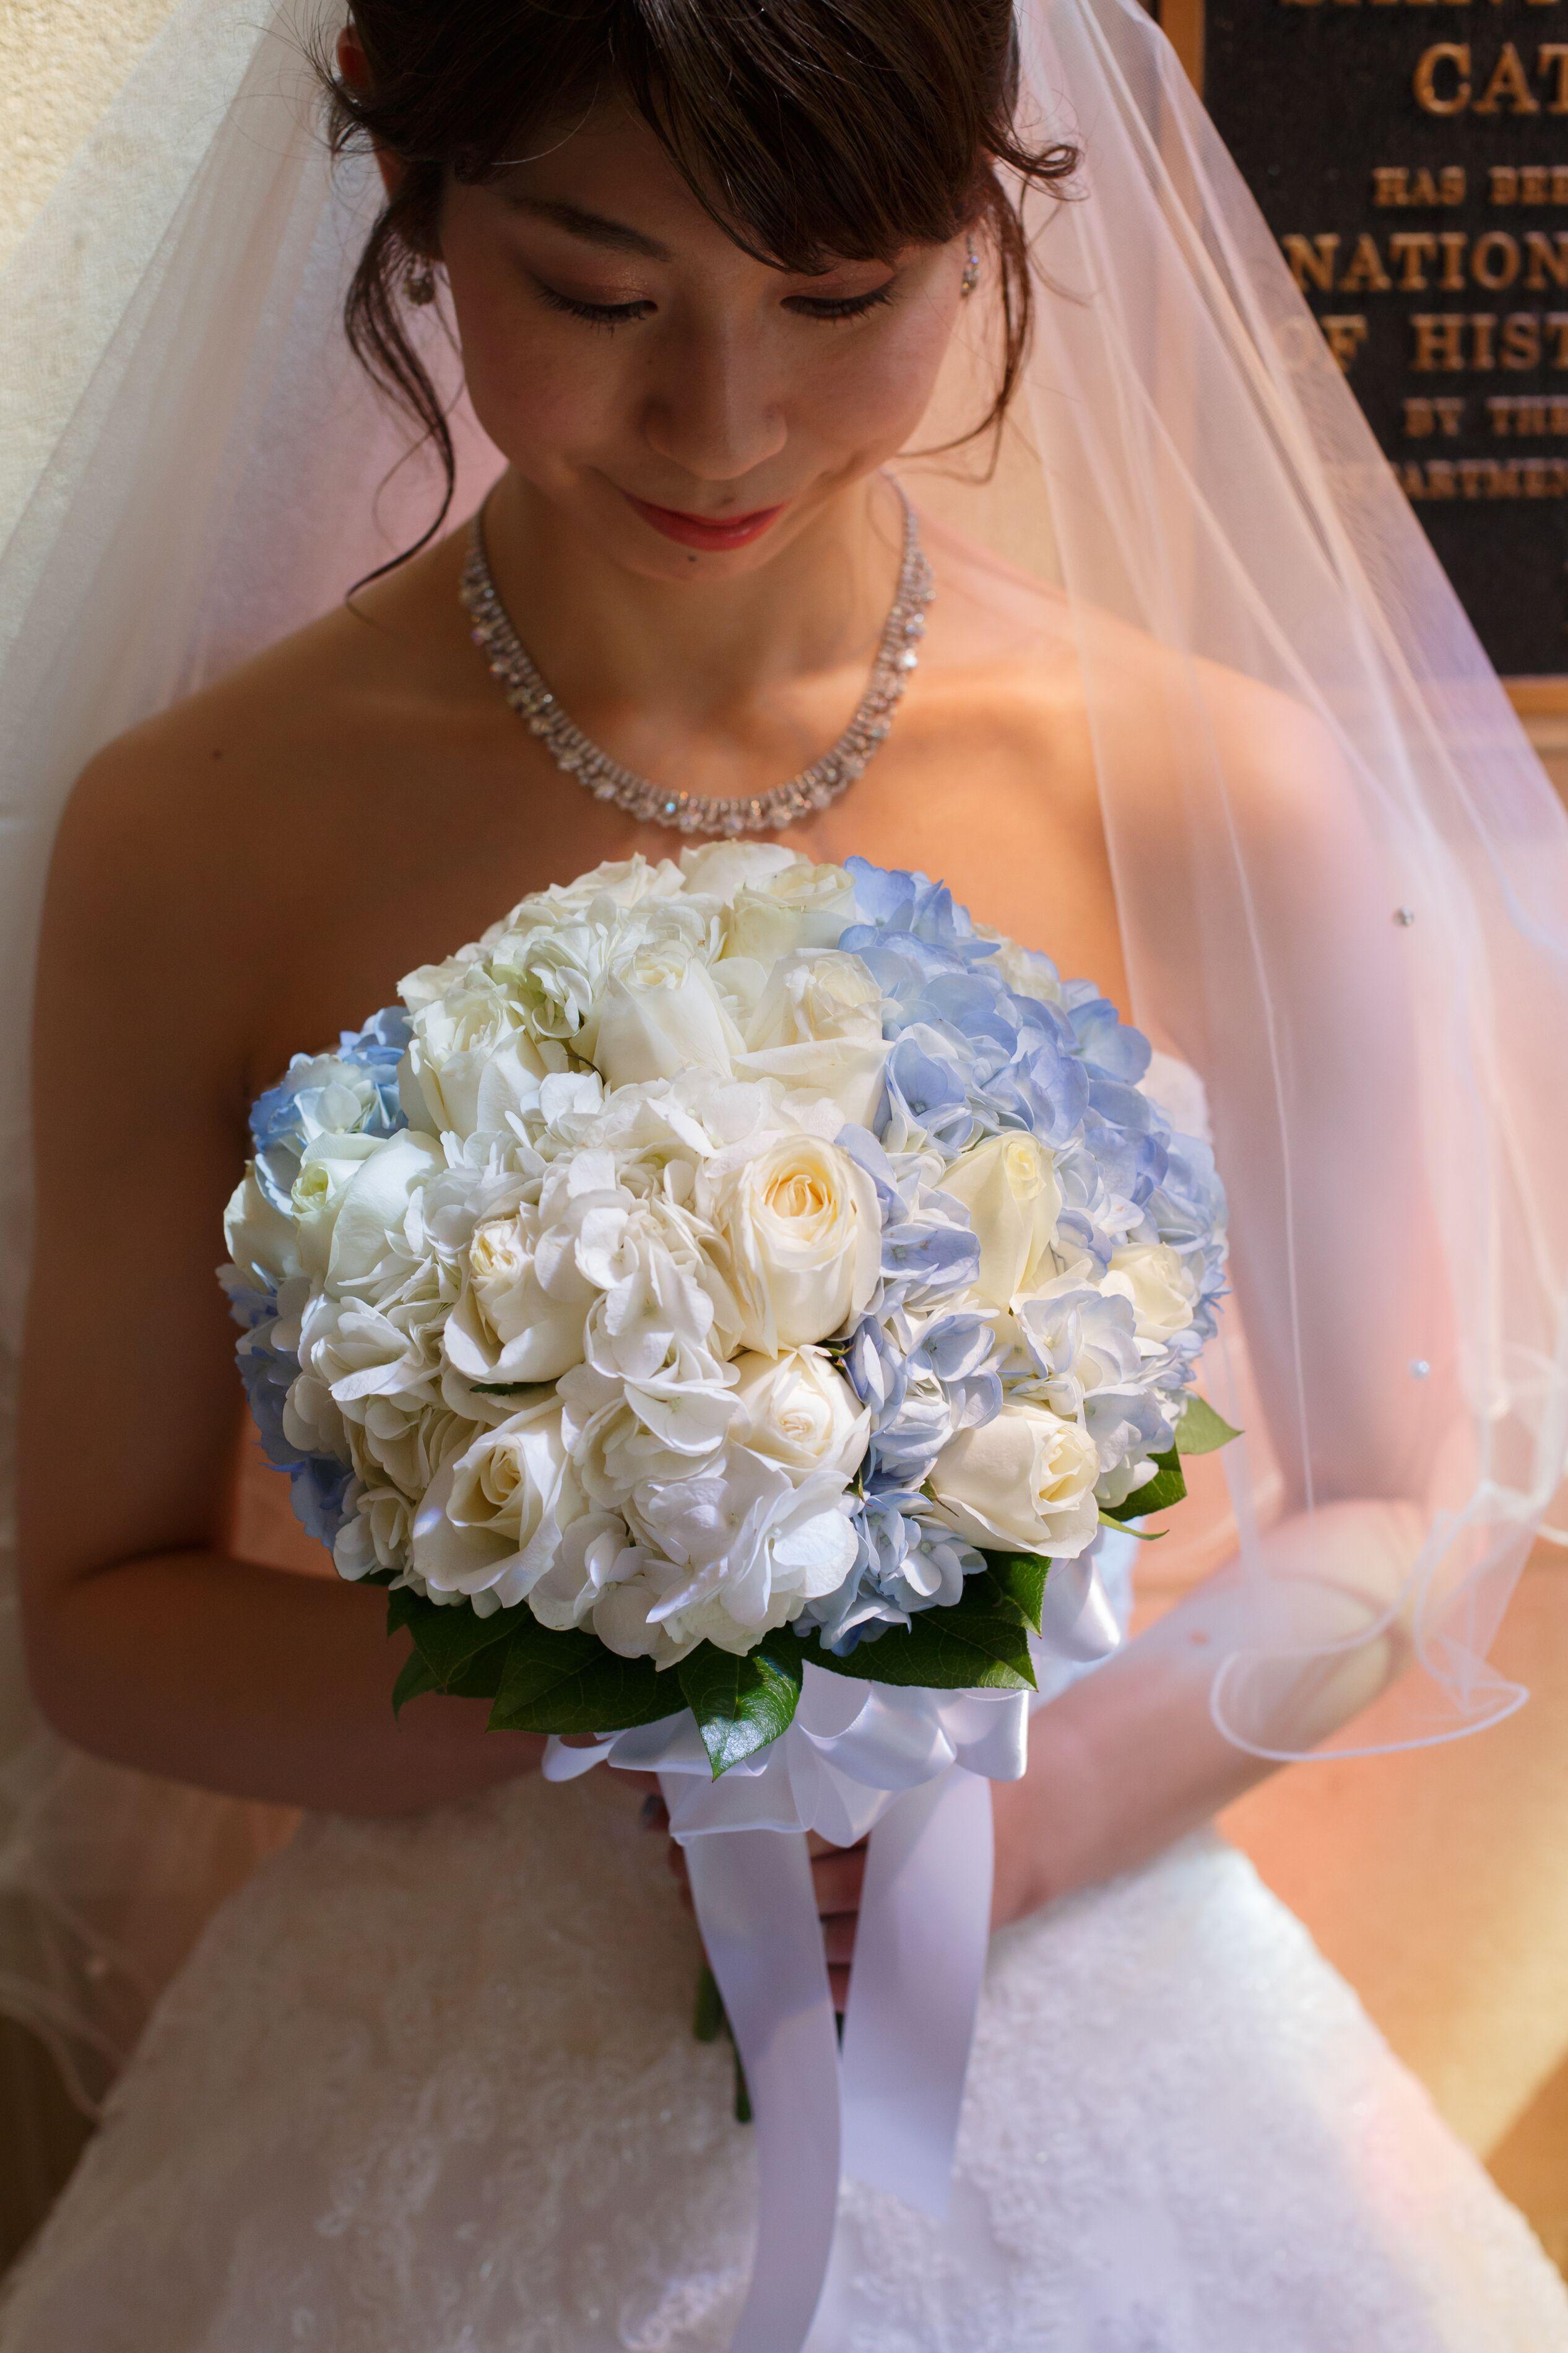 結婚式におすすめの式場・リング・ドレス・ブーケまとめ - 演出アイデアや先輩花嫁のウェディングレポもチェック_34